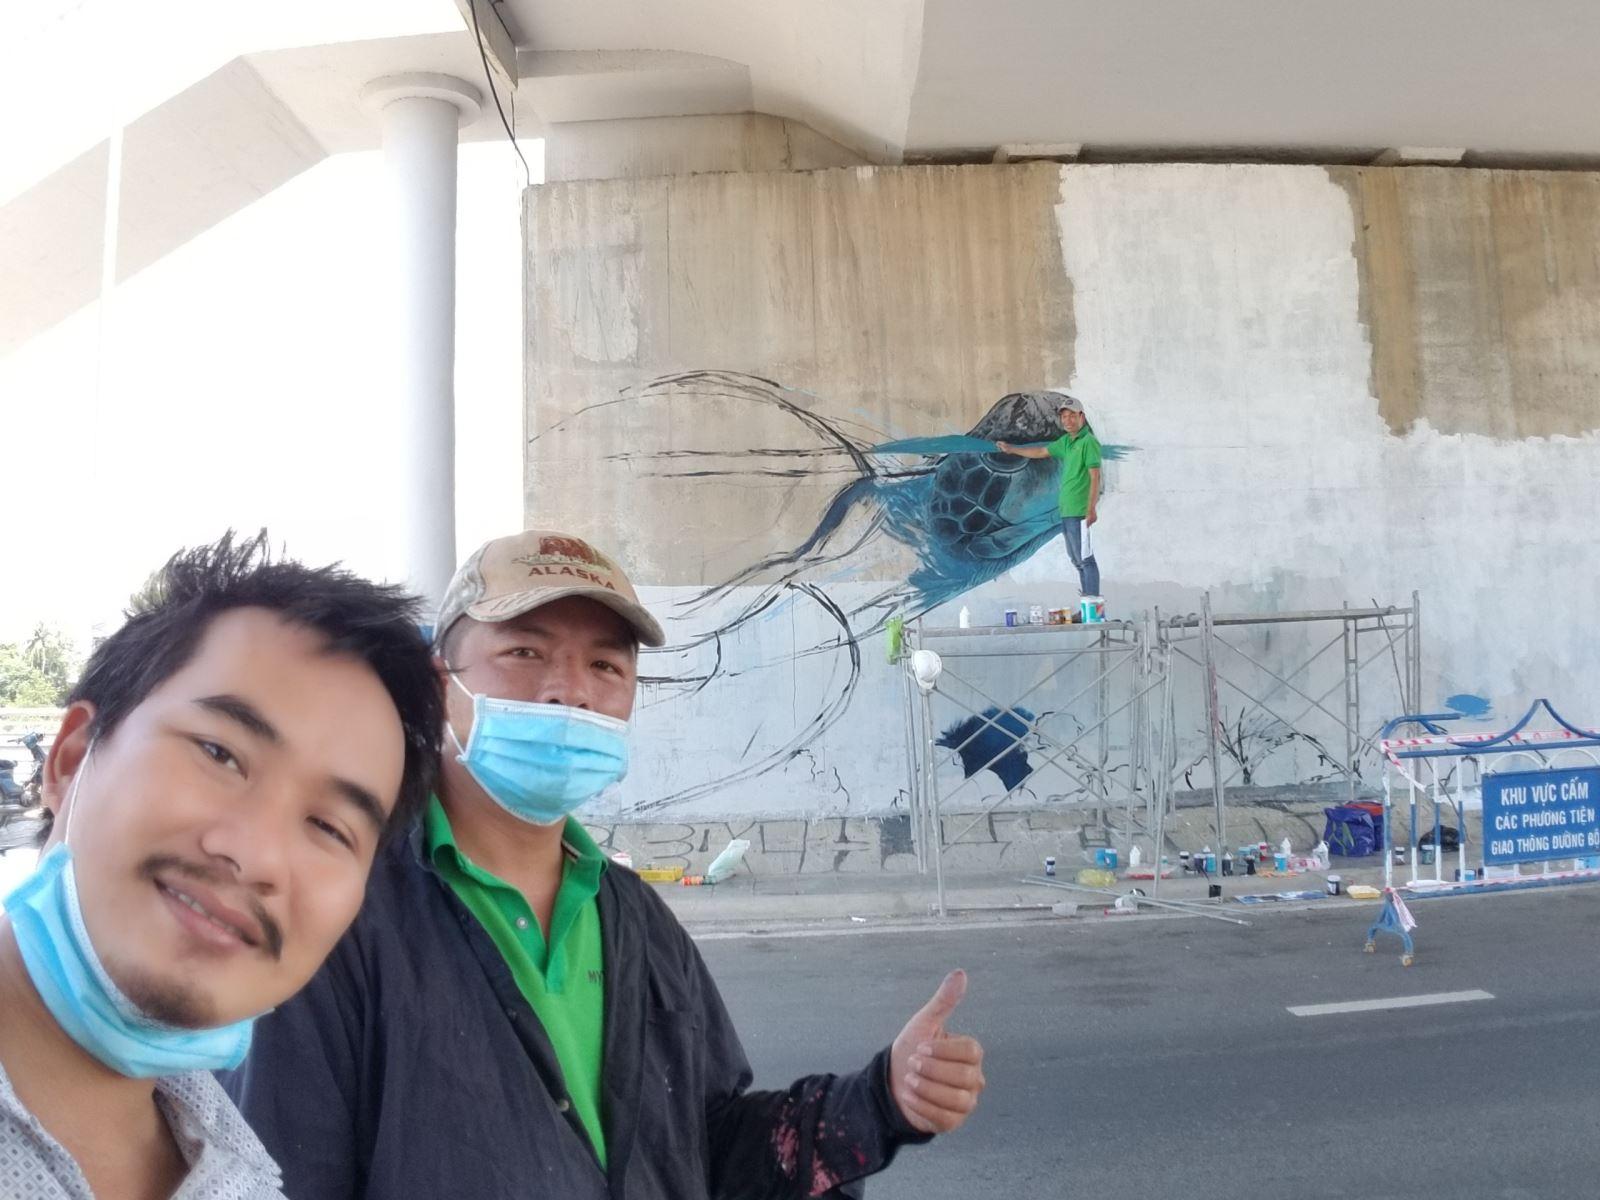 Bức tường bích họa ở Nha Trang Dự án tranh tường Bố Già vẽ tranh tường khu phố miễn phí giai đoạn 2019-2021